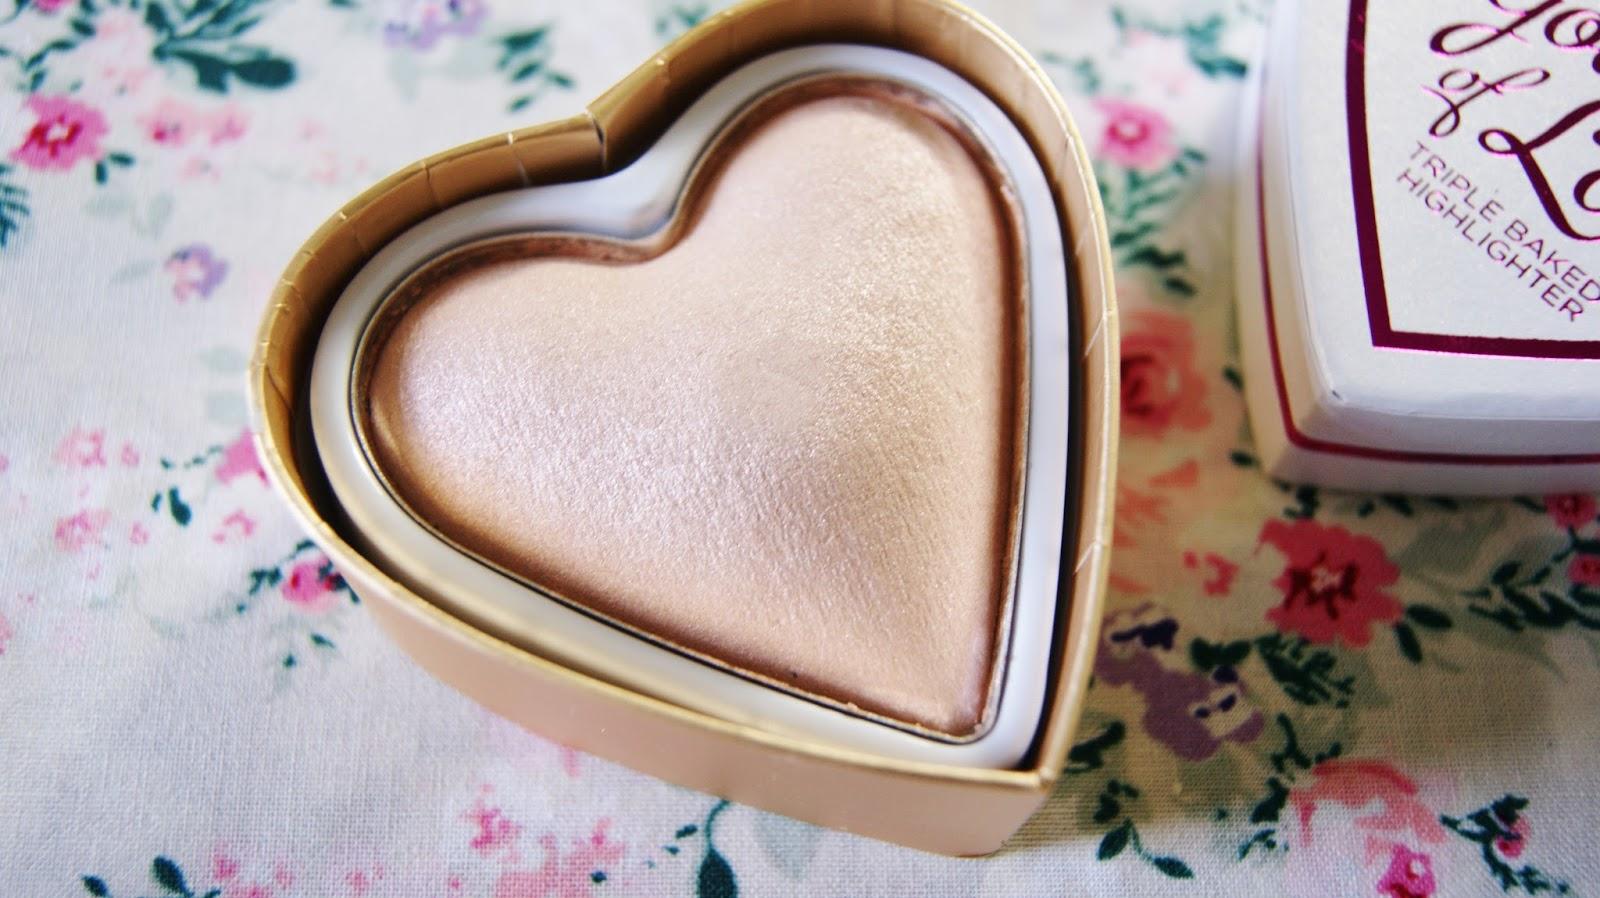 I Heart Makeup Goddess of Love Highlighter Close-Up